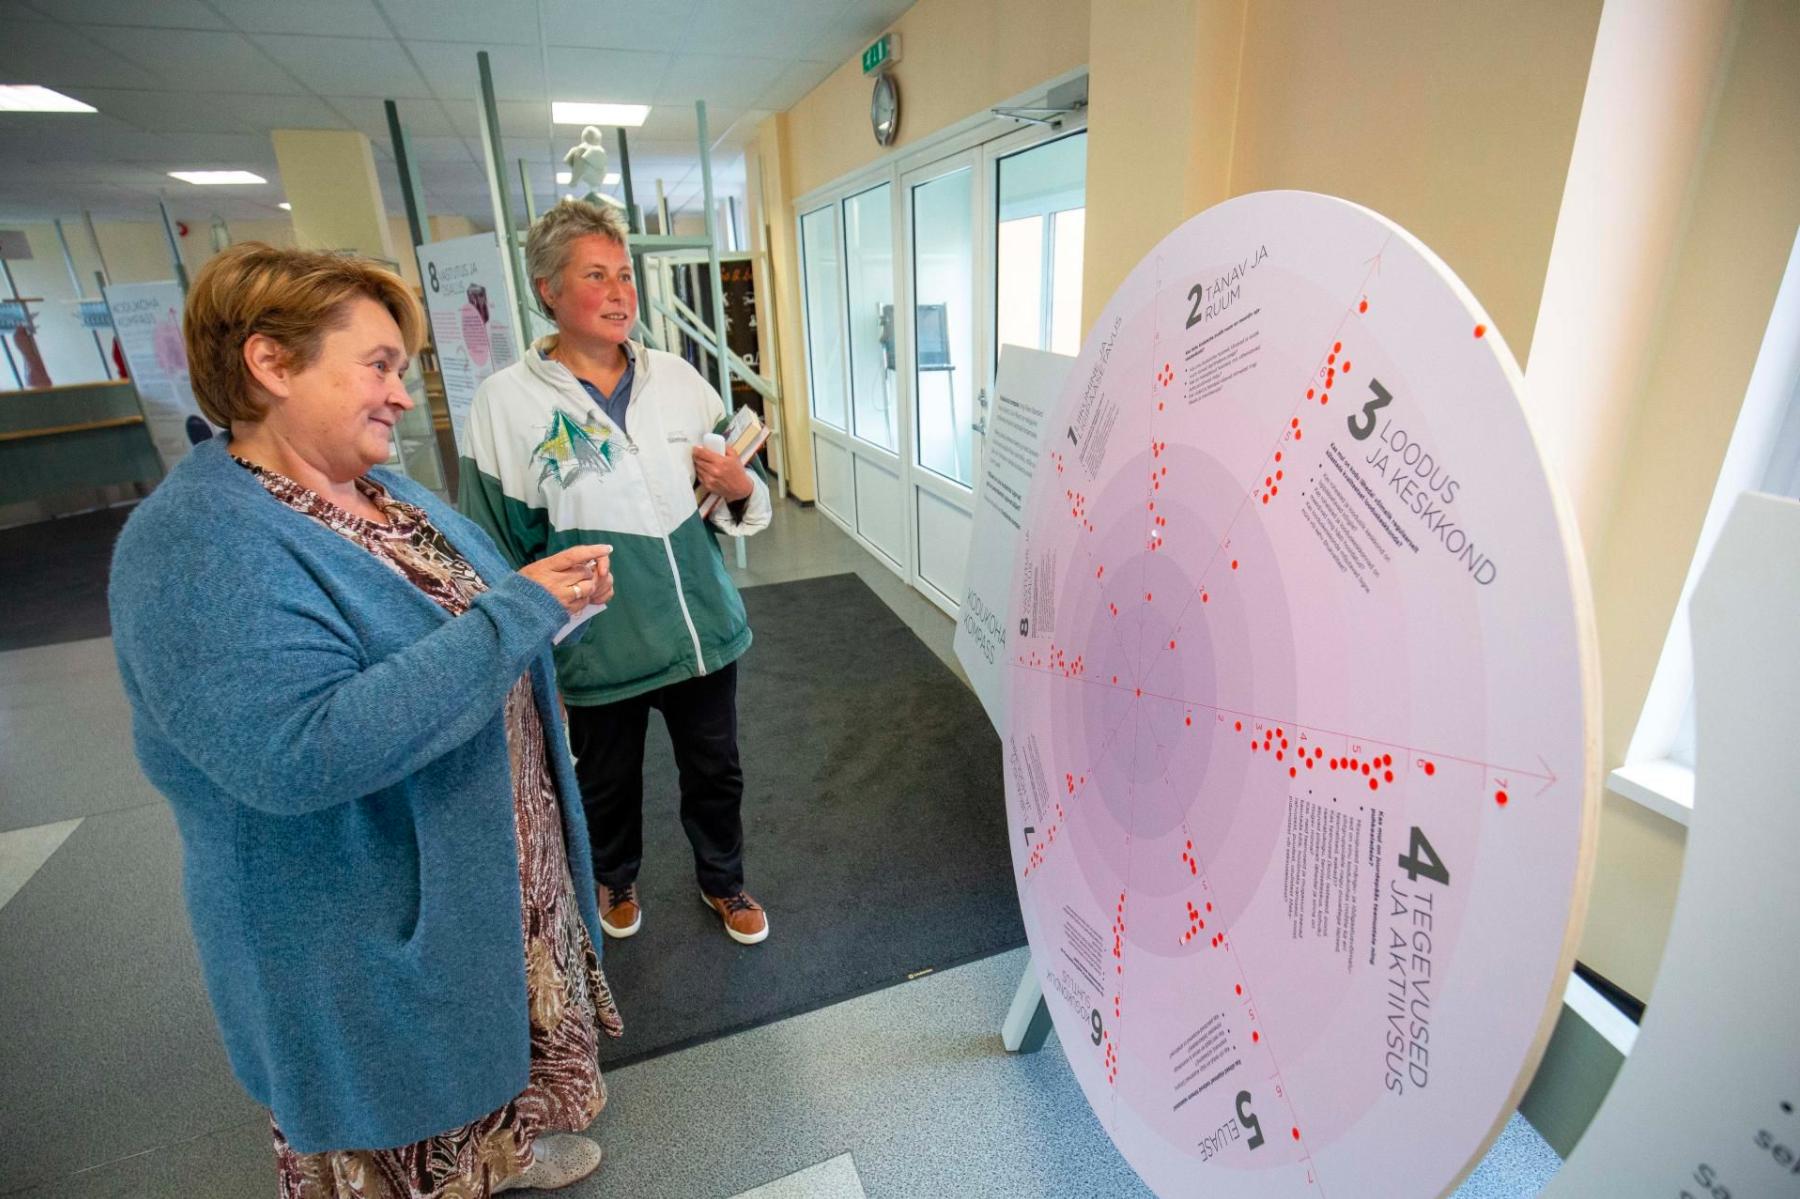 Kairi Tilga tutvustas kodukoha kompassi Järvamaa Teatajale